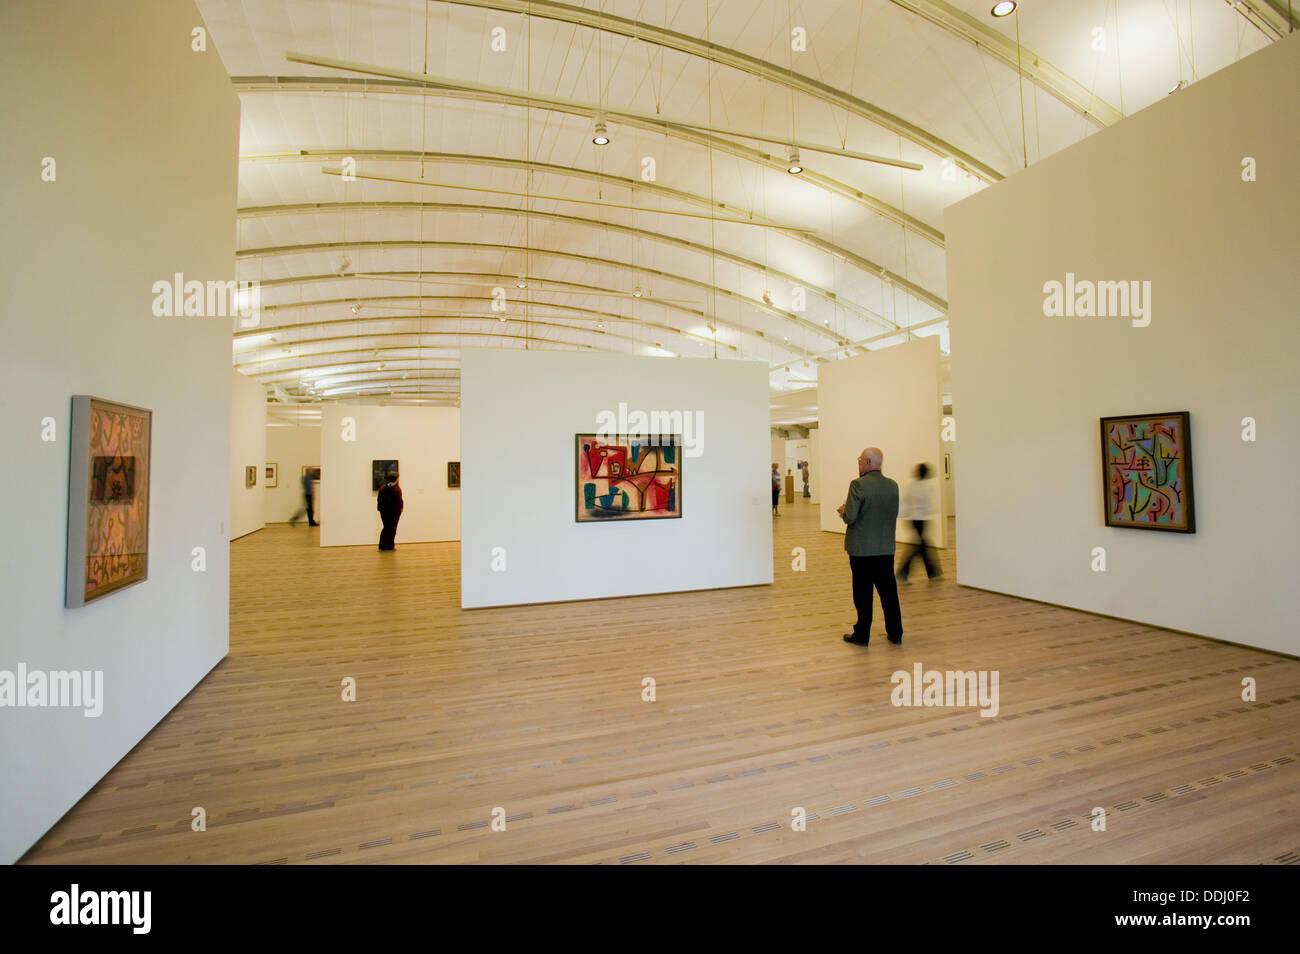 Paul Klee Center by  Renzo Piano. Bern. Switzerland - Stock Image